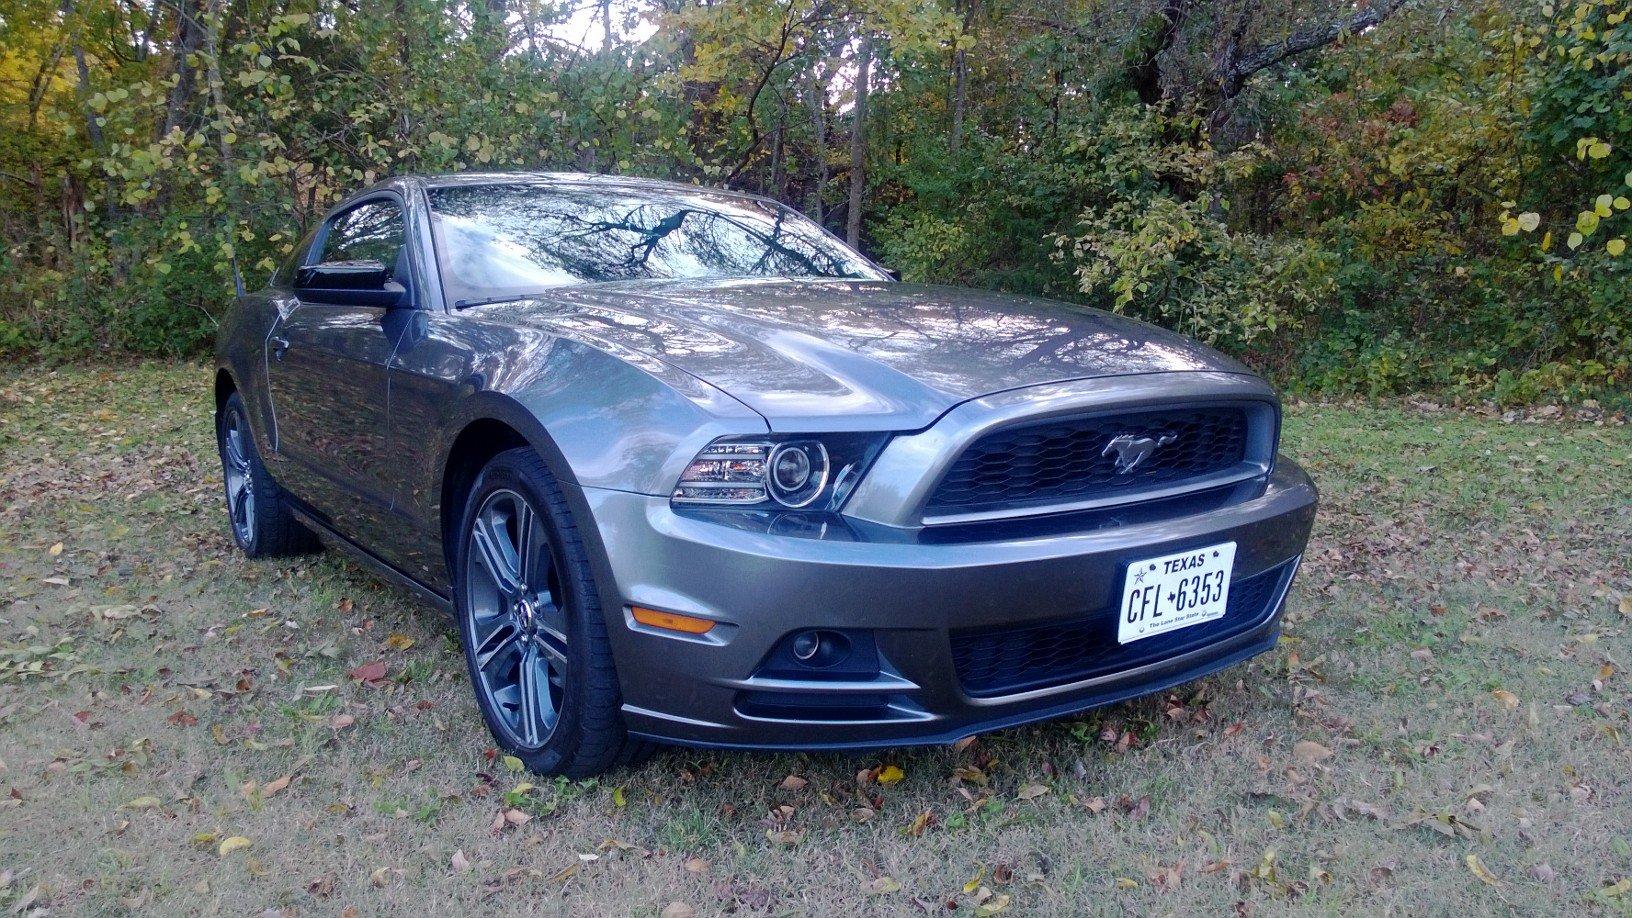 Plasti Dip Smoke On My Chrome Ford Mustang Forum